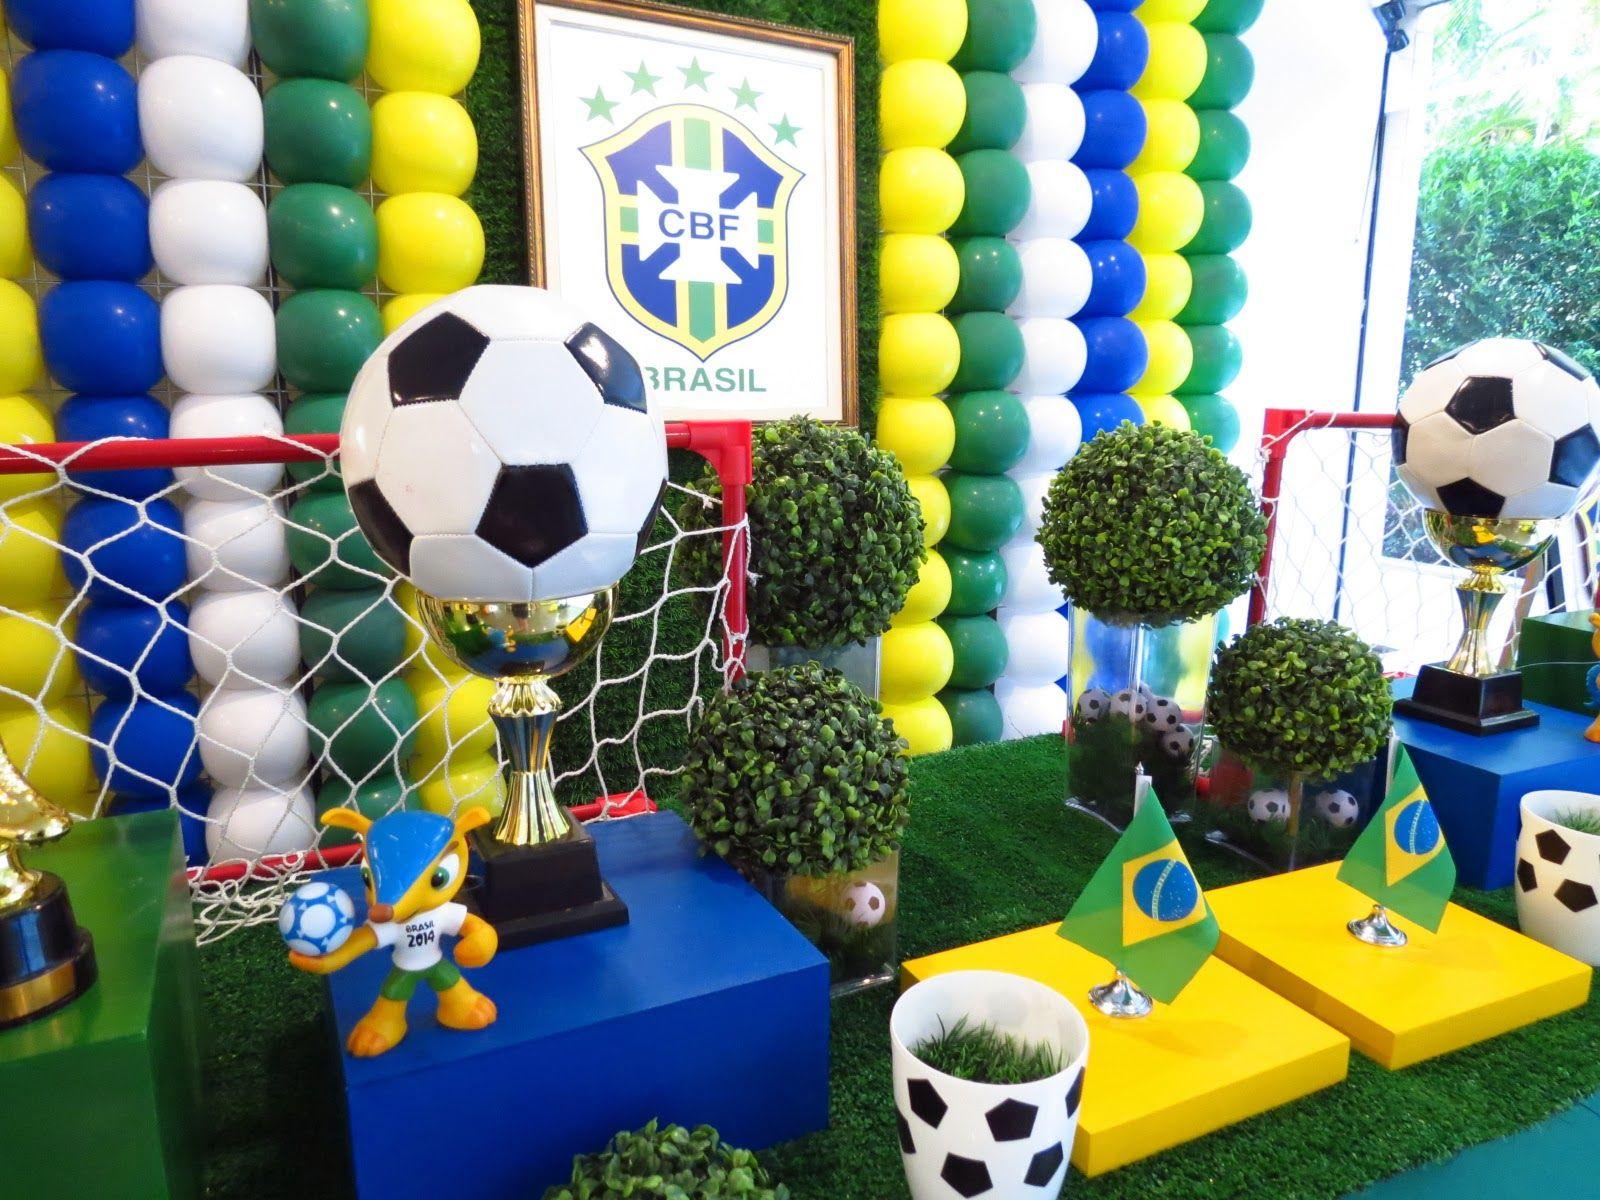 Farolita Decoração de Festas Infantis: COPA BRASIL